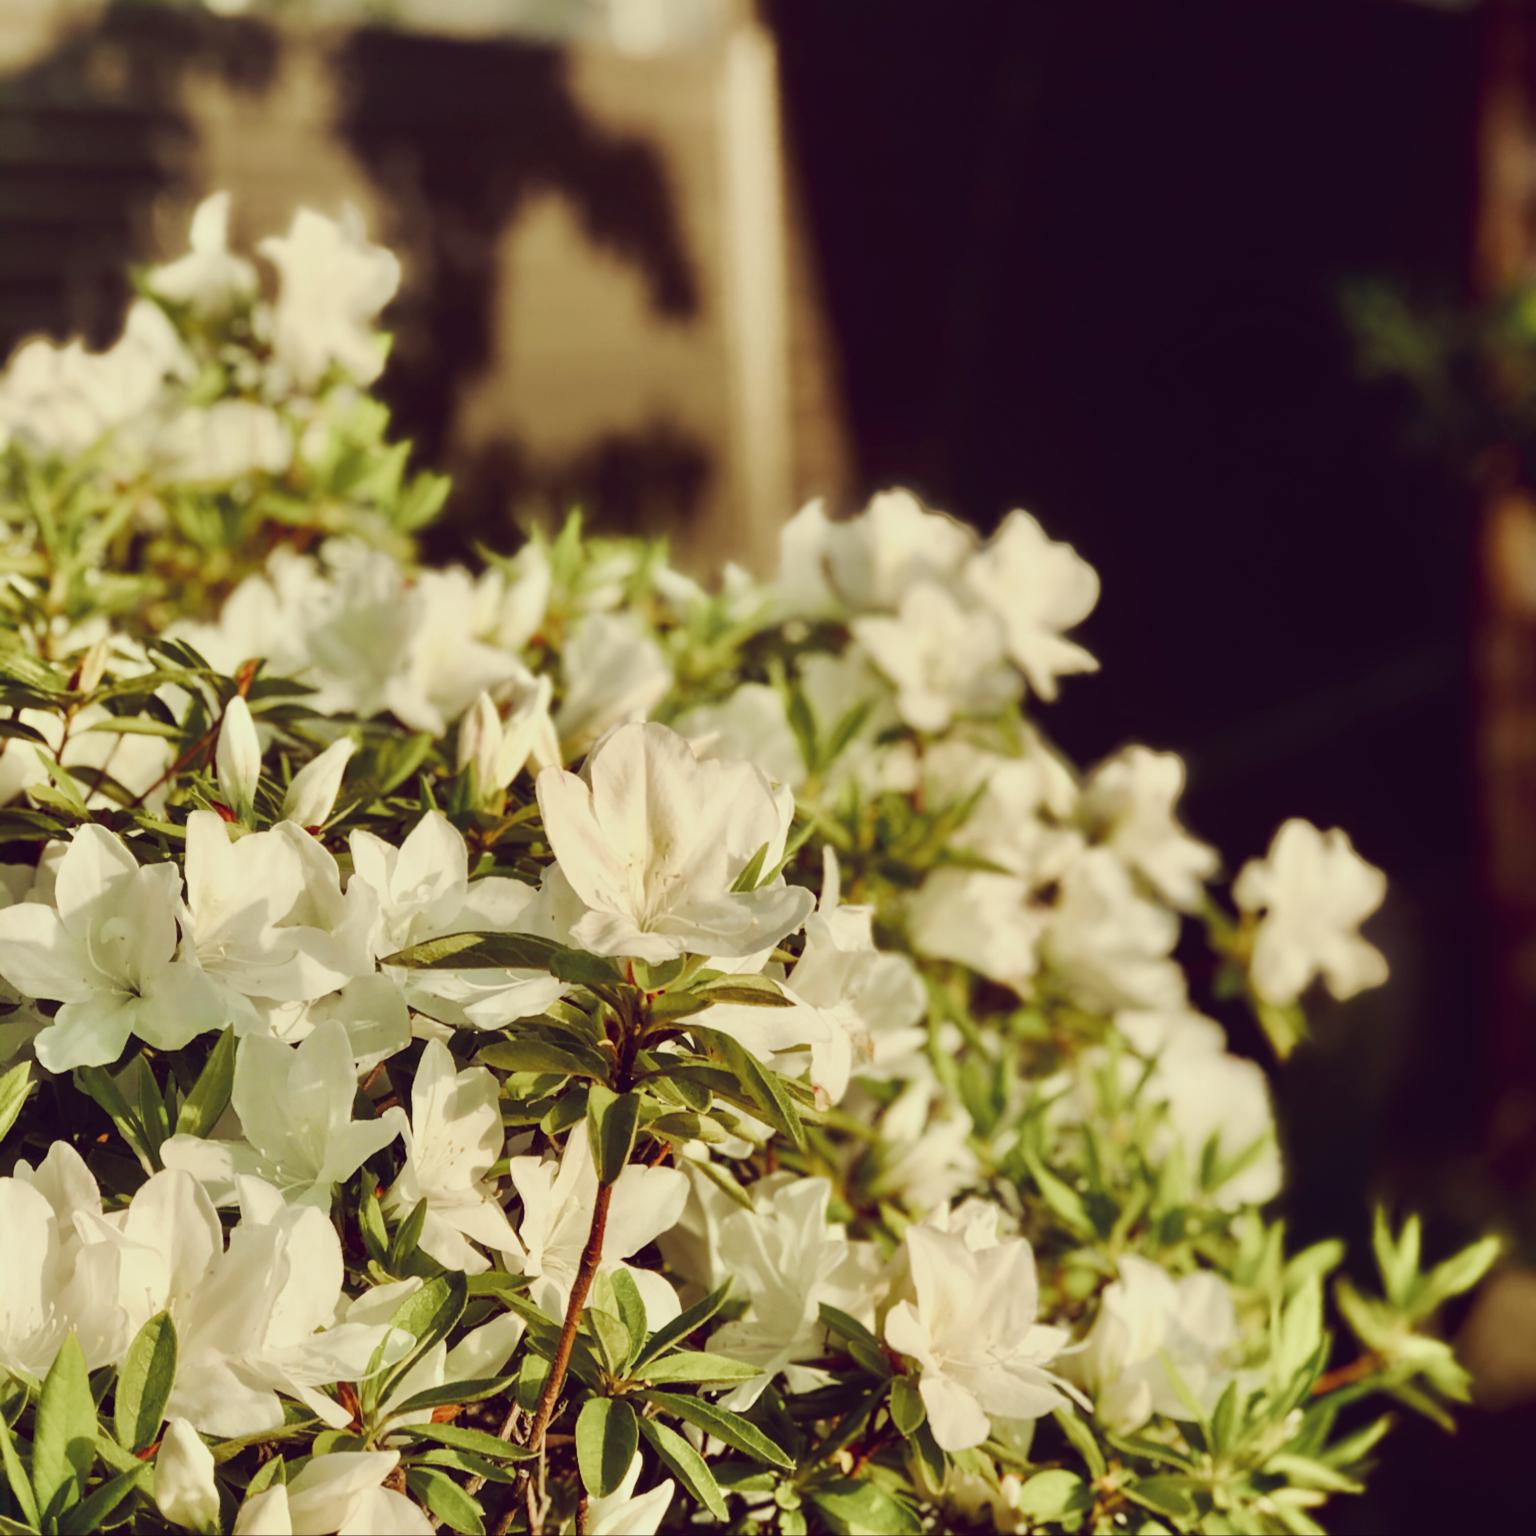 庭の木/庭の花/ツツジ/白い花/ツツジも開花♡...などのインテリア実例 - 2021-04-22 21:35:54